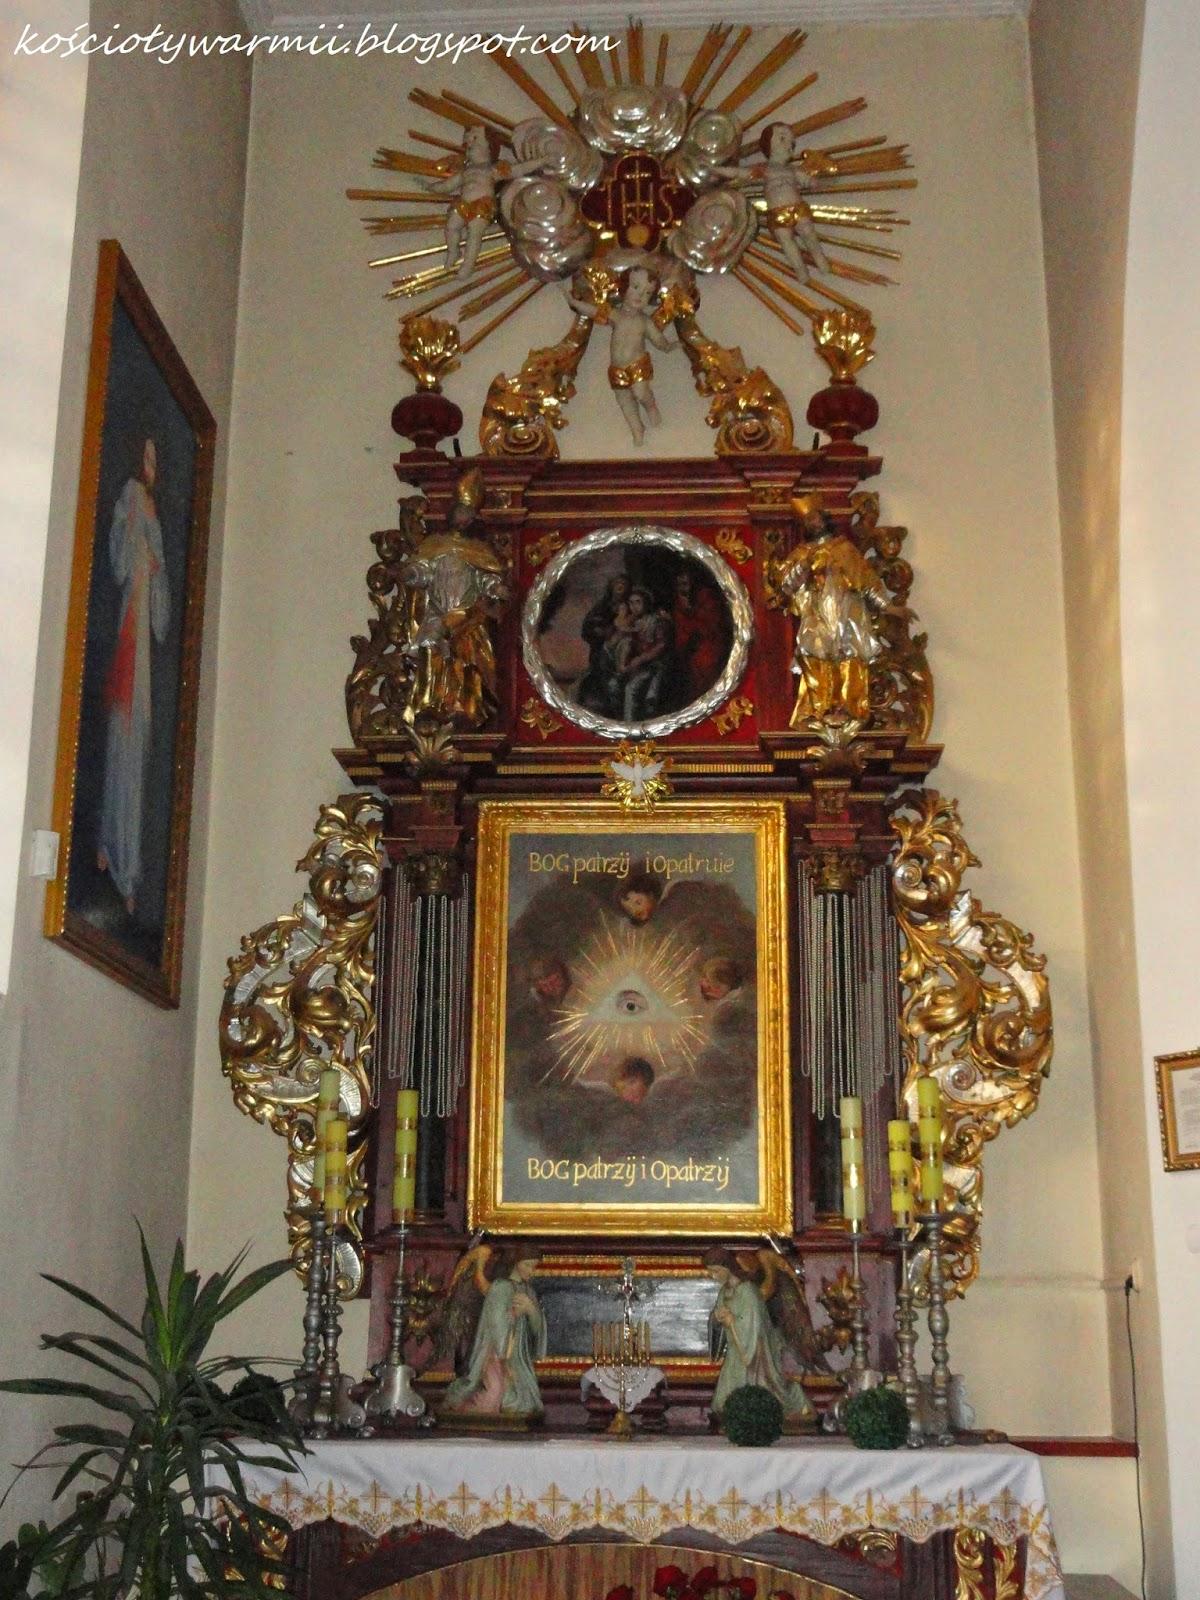 Znalezione obrazy dla zapytania obraz Bozeju opatrzności Bartag